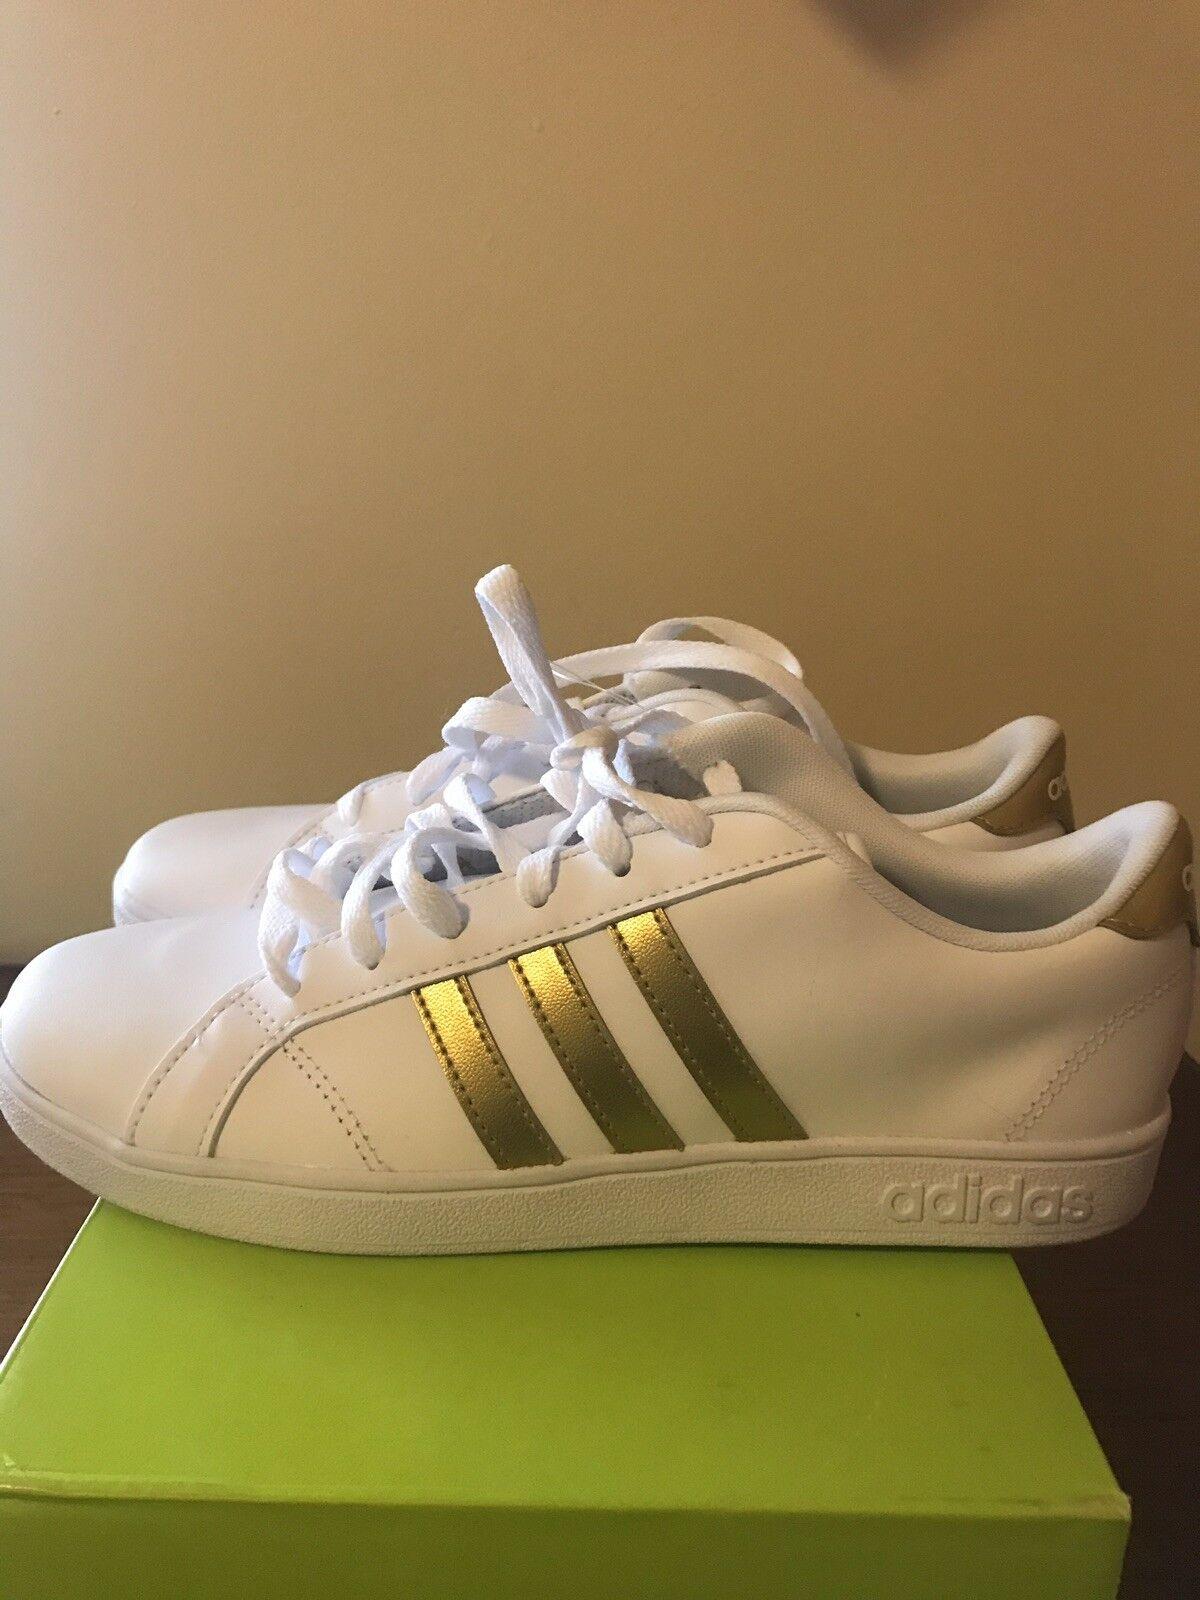 Adidas unisex shoes US Size 6 1 2